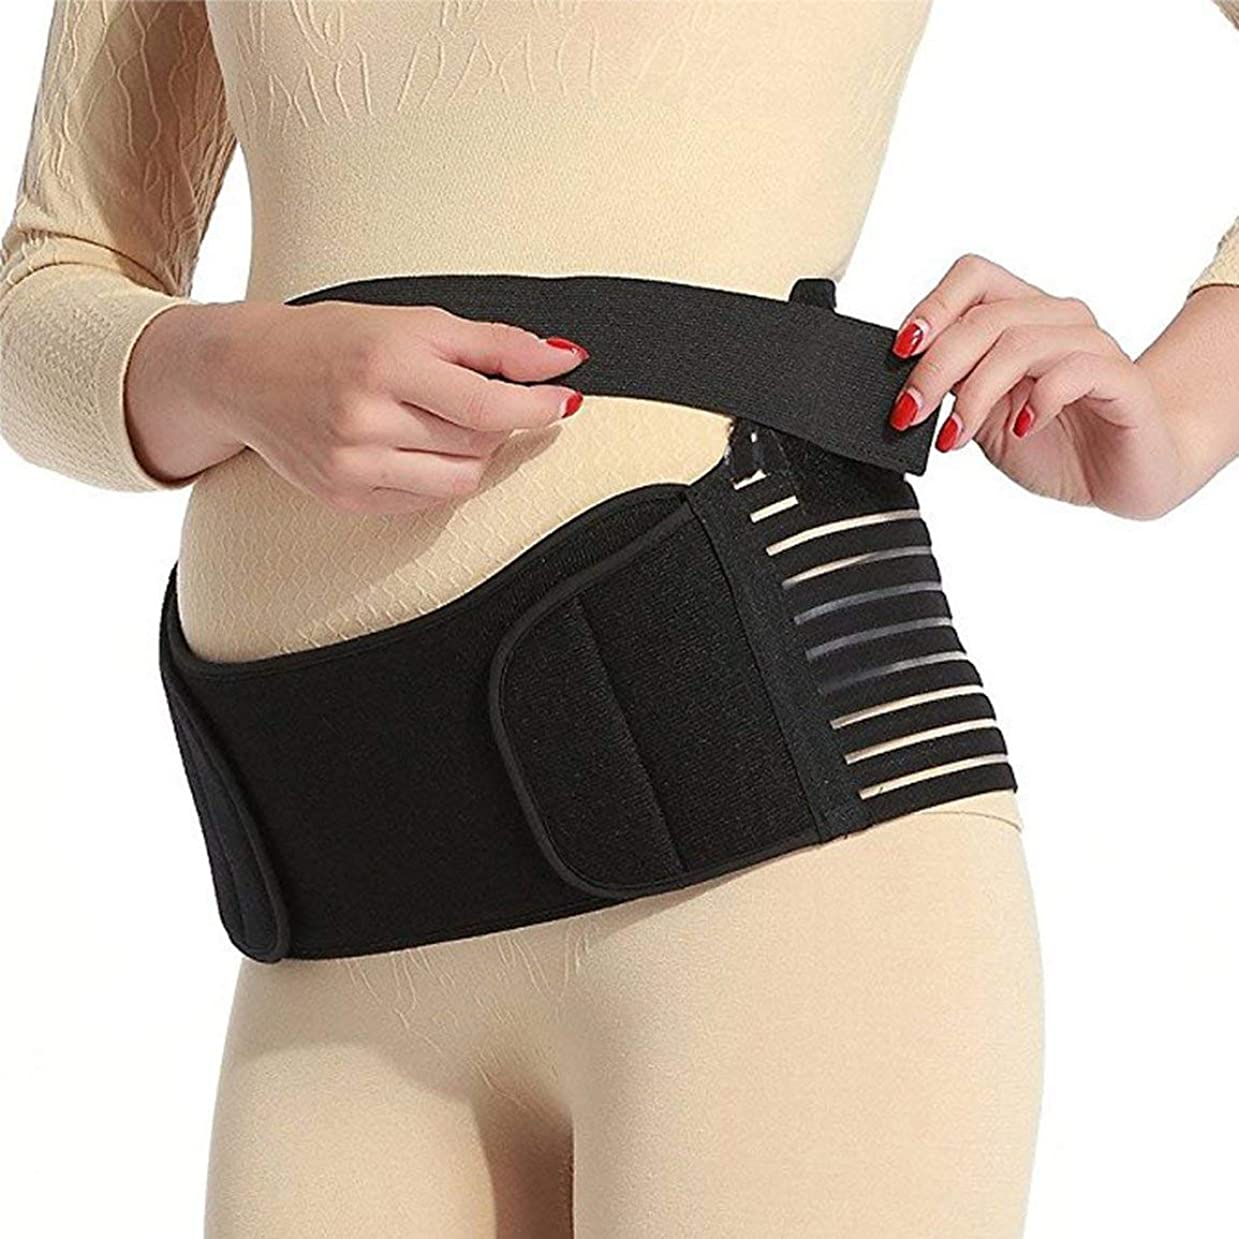 原子炉スカリードレイン通気性マタニティベルト妊娠中の腹部サポート腹部バインダーガードル運動包帯産後の回復shapewear - ブラックM